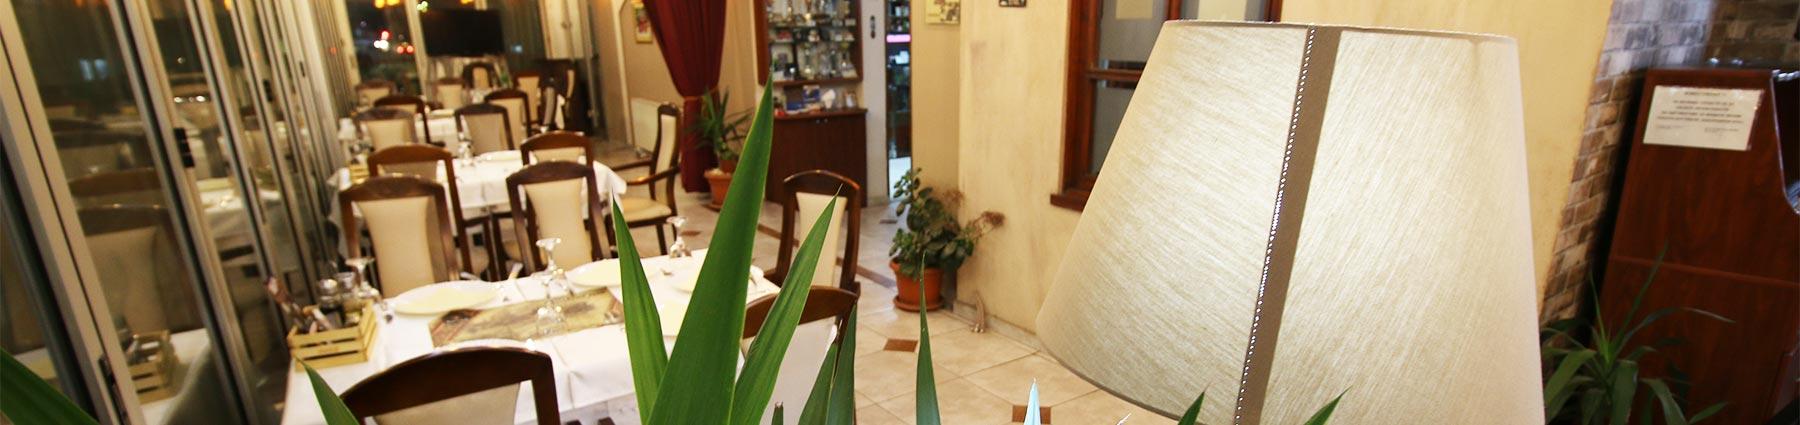 Ресторан Рим-Париз